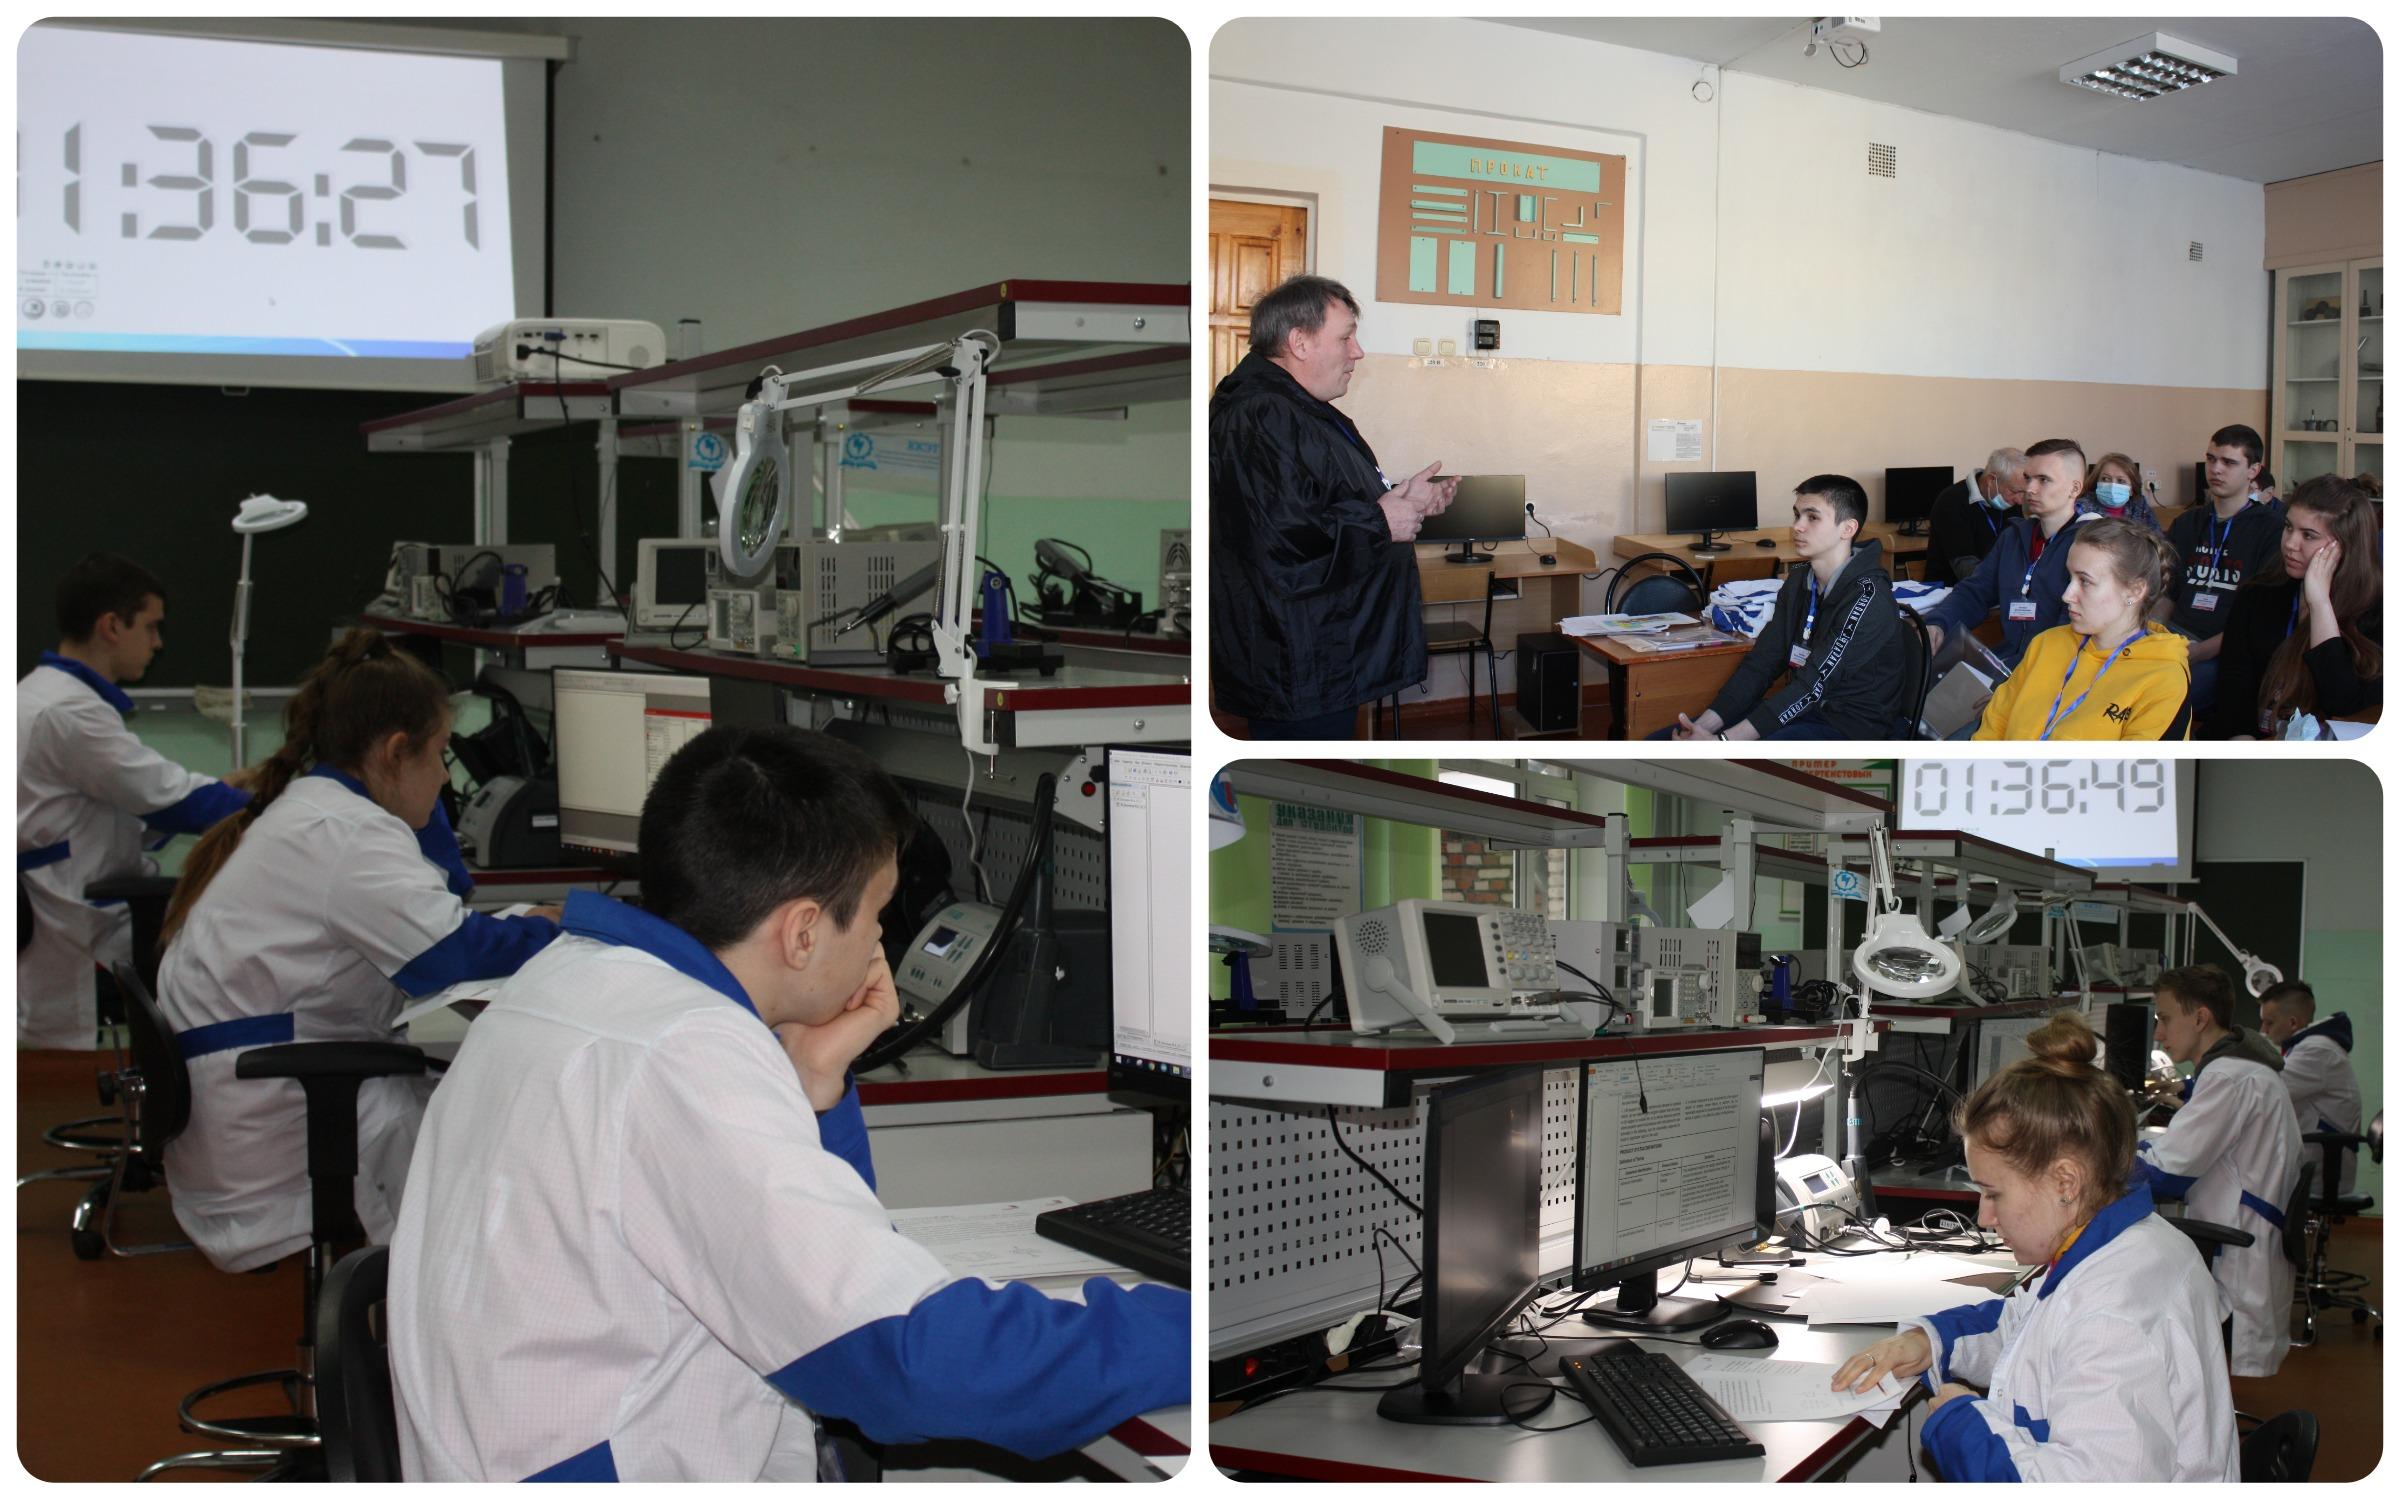 В Кузнецком колледже электронных технологий проходит VIII региональный чемпионат профессионального мастерства «Молодые профессионалы» (WorldSkills Russia)